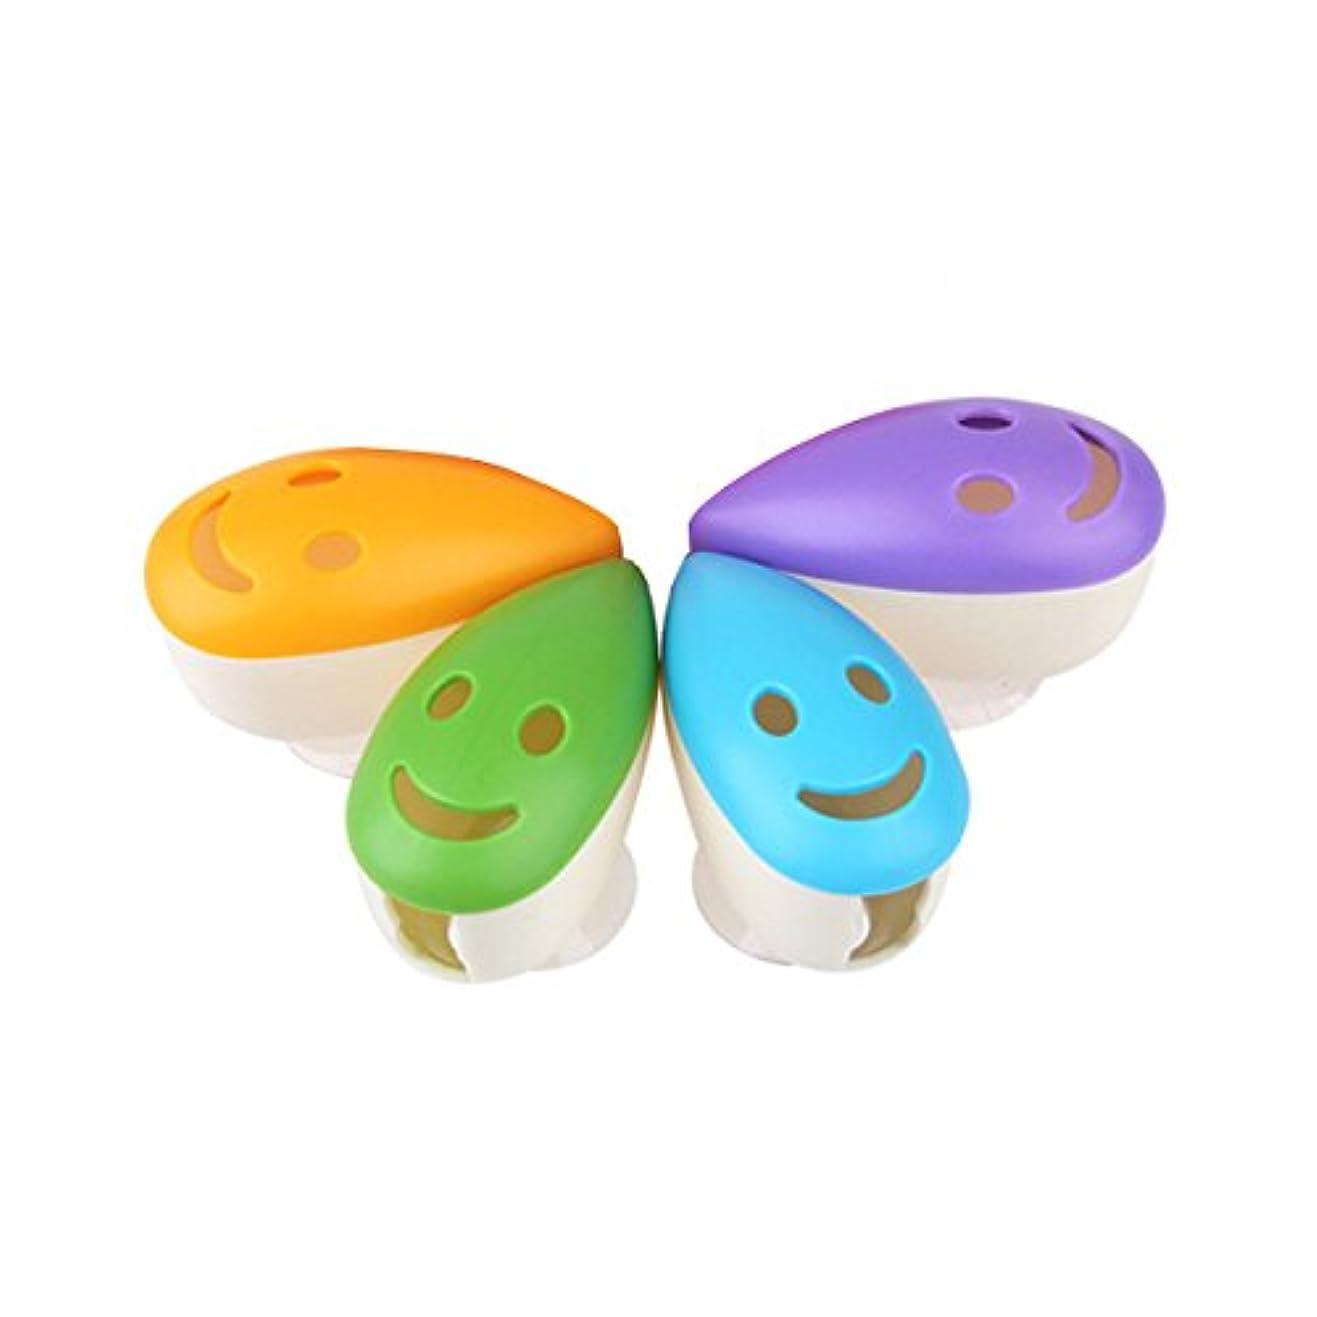 味付けビルマ学校教育ROSENICE スマイルフェイス抗菌歯ブラシヘッドホルダーサクションカップ4本用